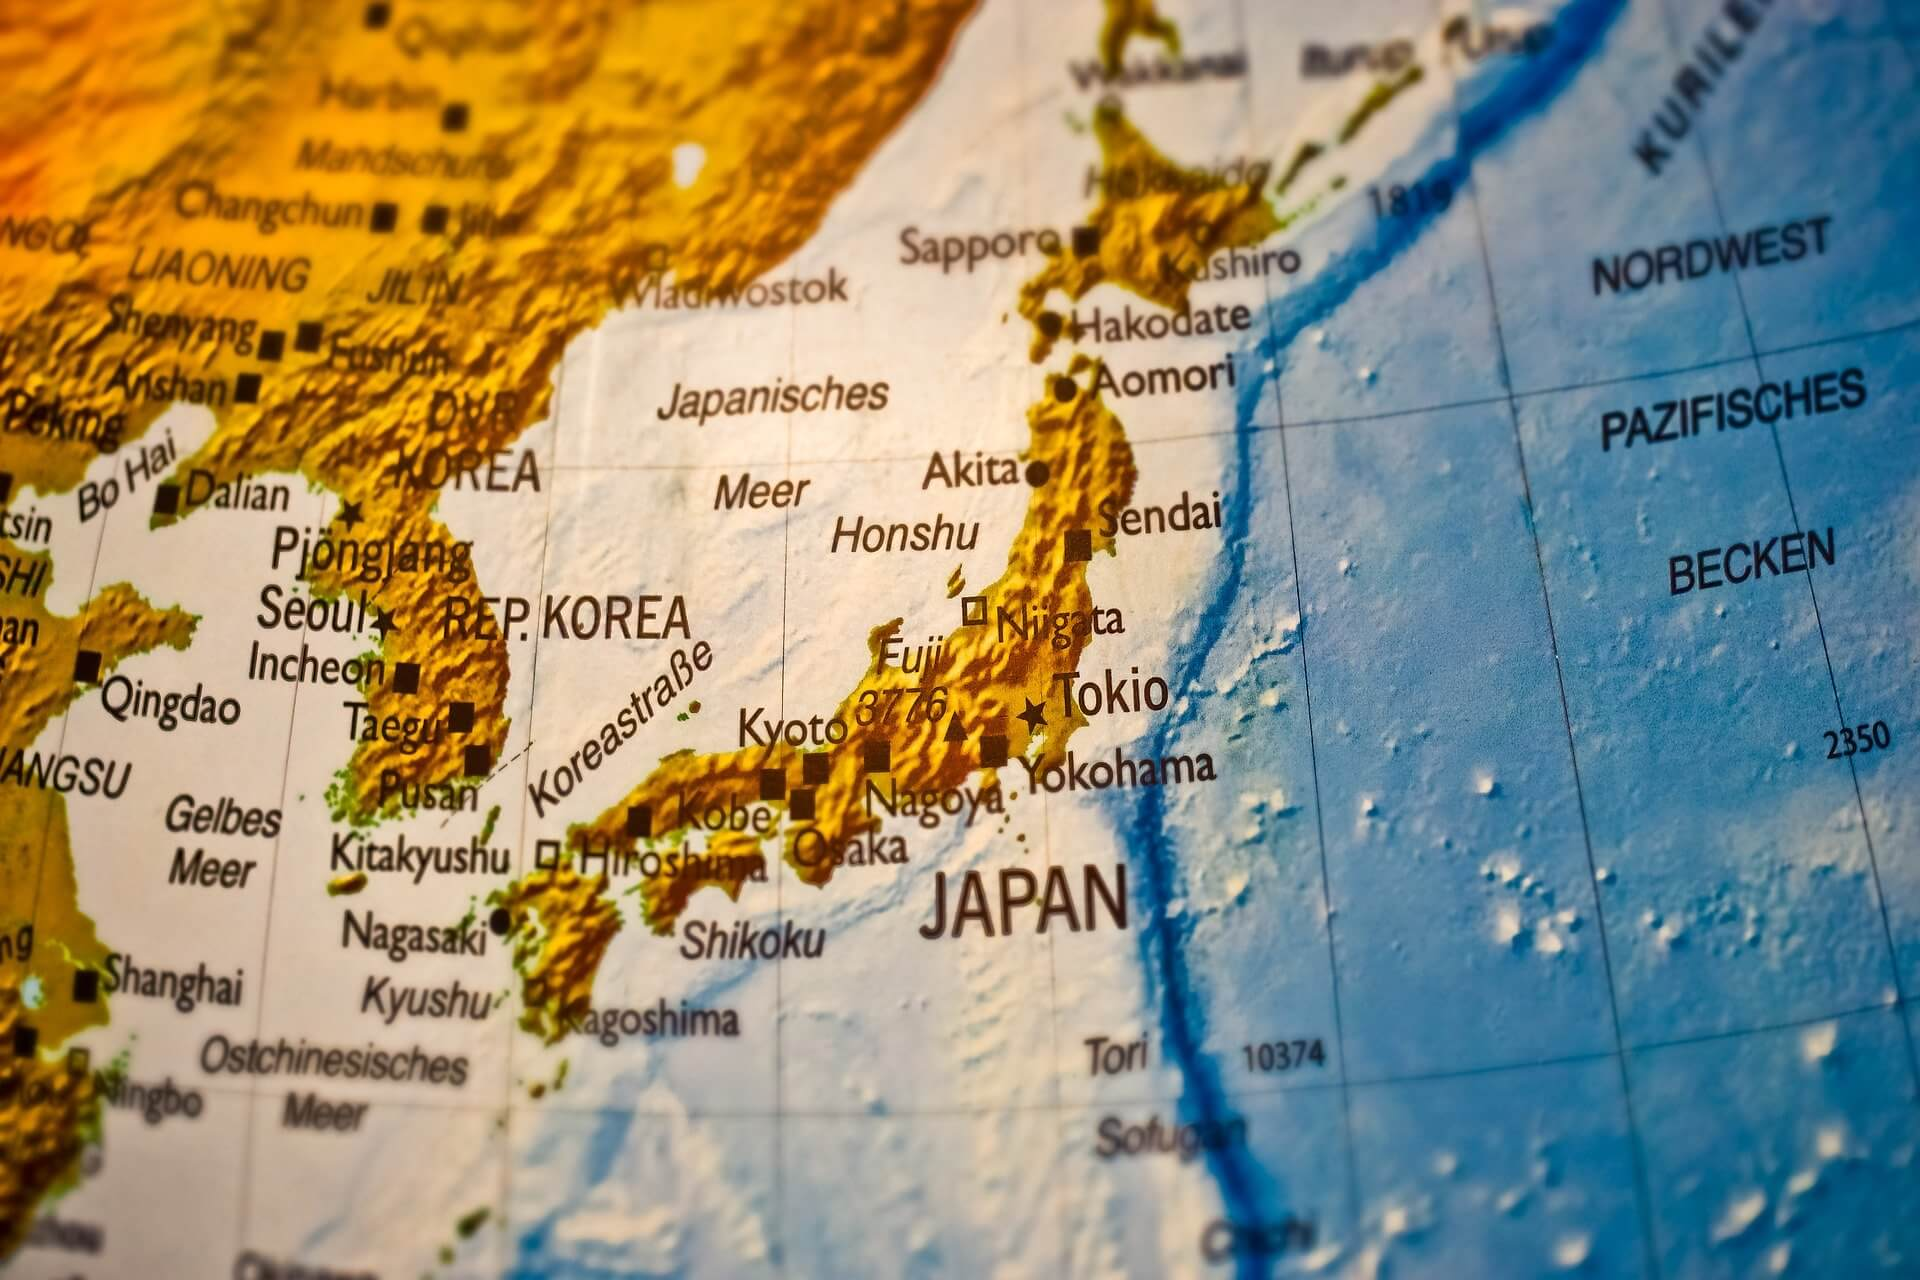 「日本の地方の中小企業」の海外進出が更に加速!? | 『海外進出白書(2019-2020年版)』より